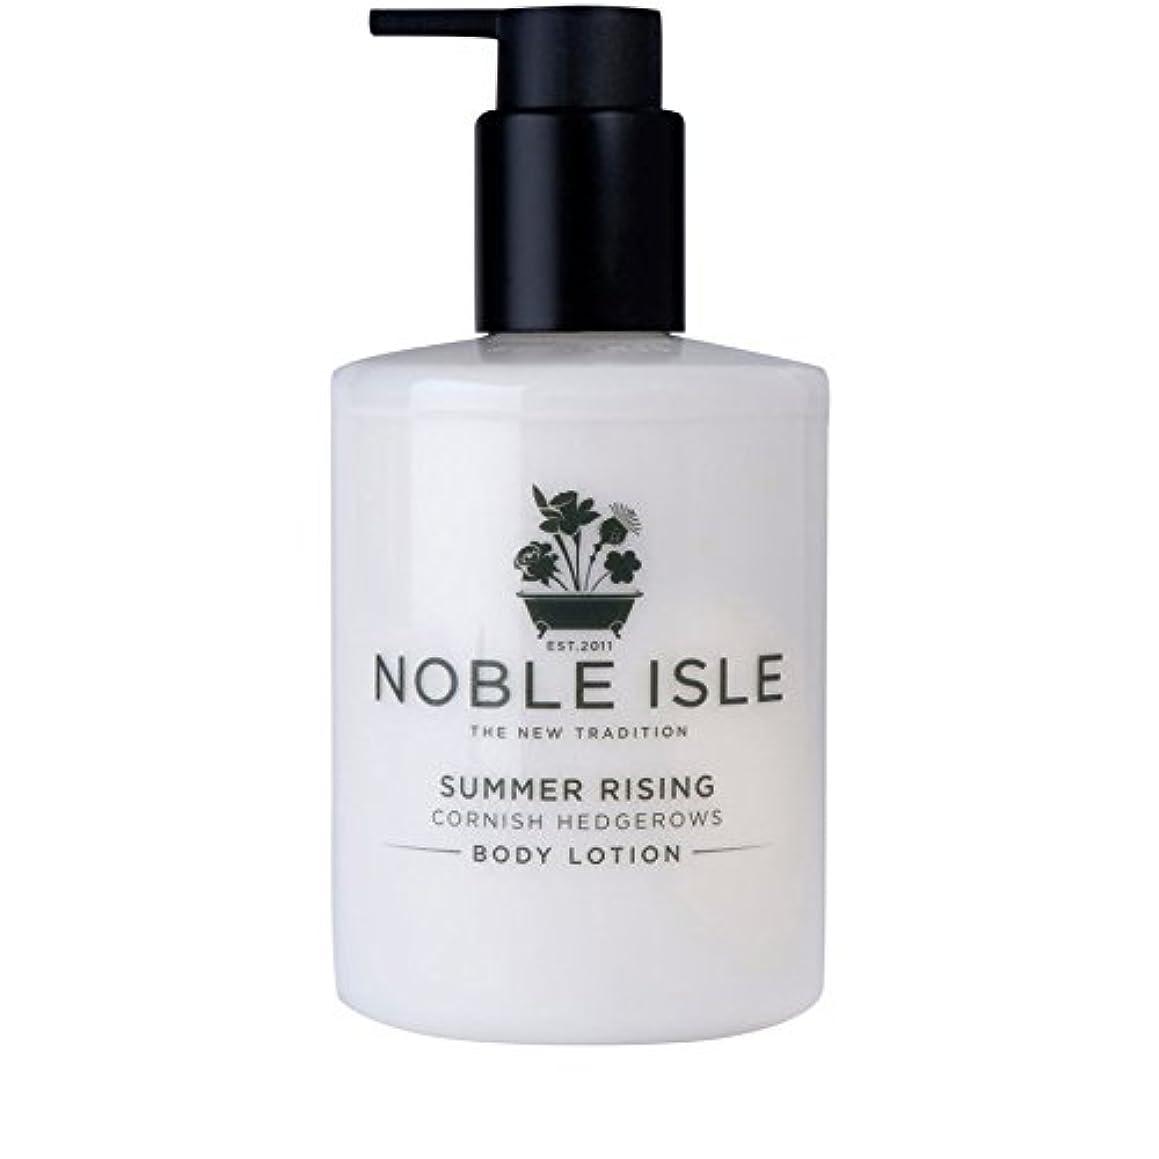 並外れて防水古風なコーニッシュ生け垣ボディローション250ミリリットルを上昇高貴な島の夏 x2 - Noble Isle Summer Rising Cornish Hedgerows Body Lotion 250ml (Pack of...